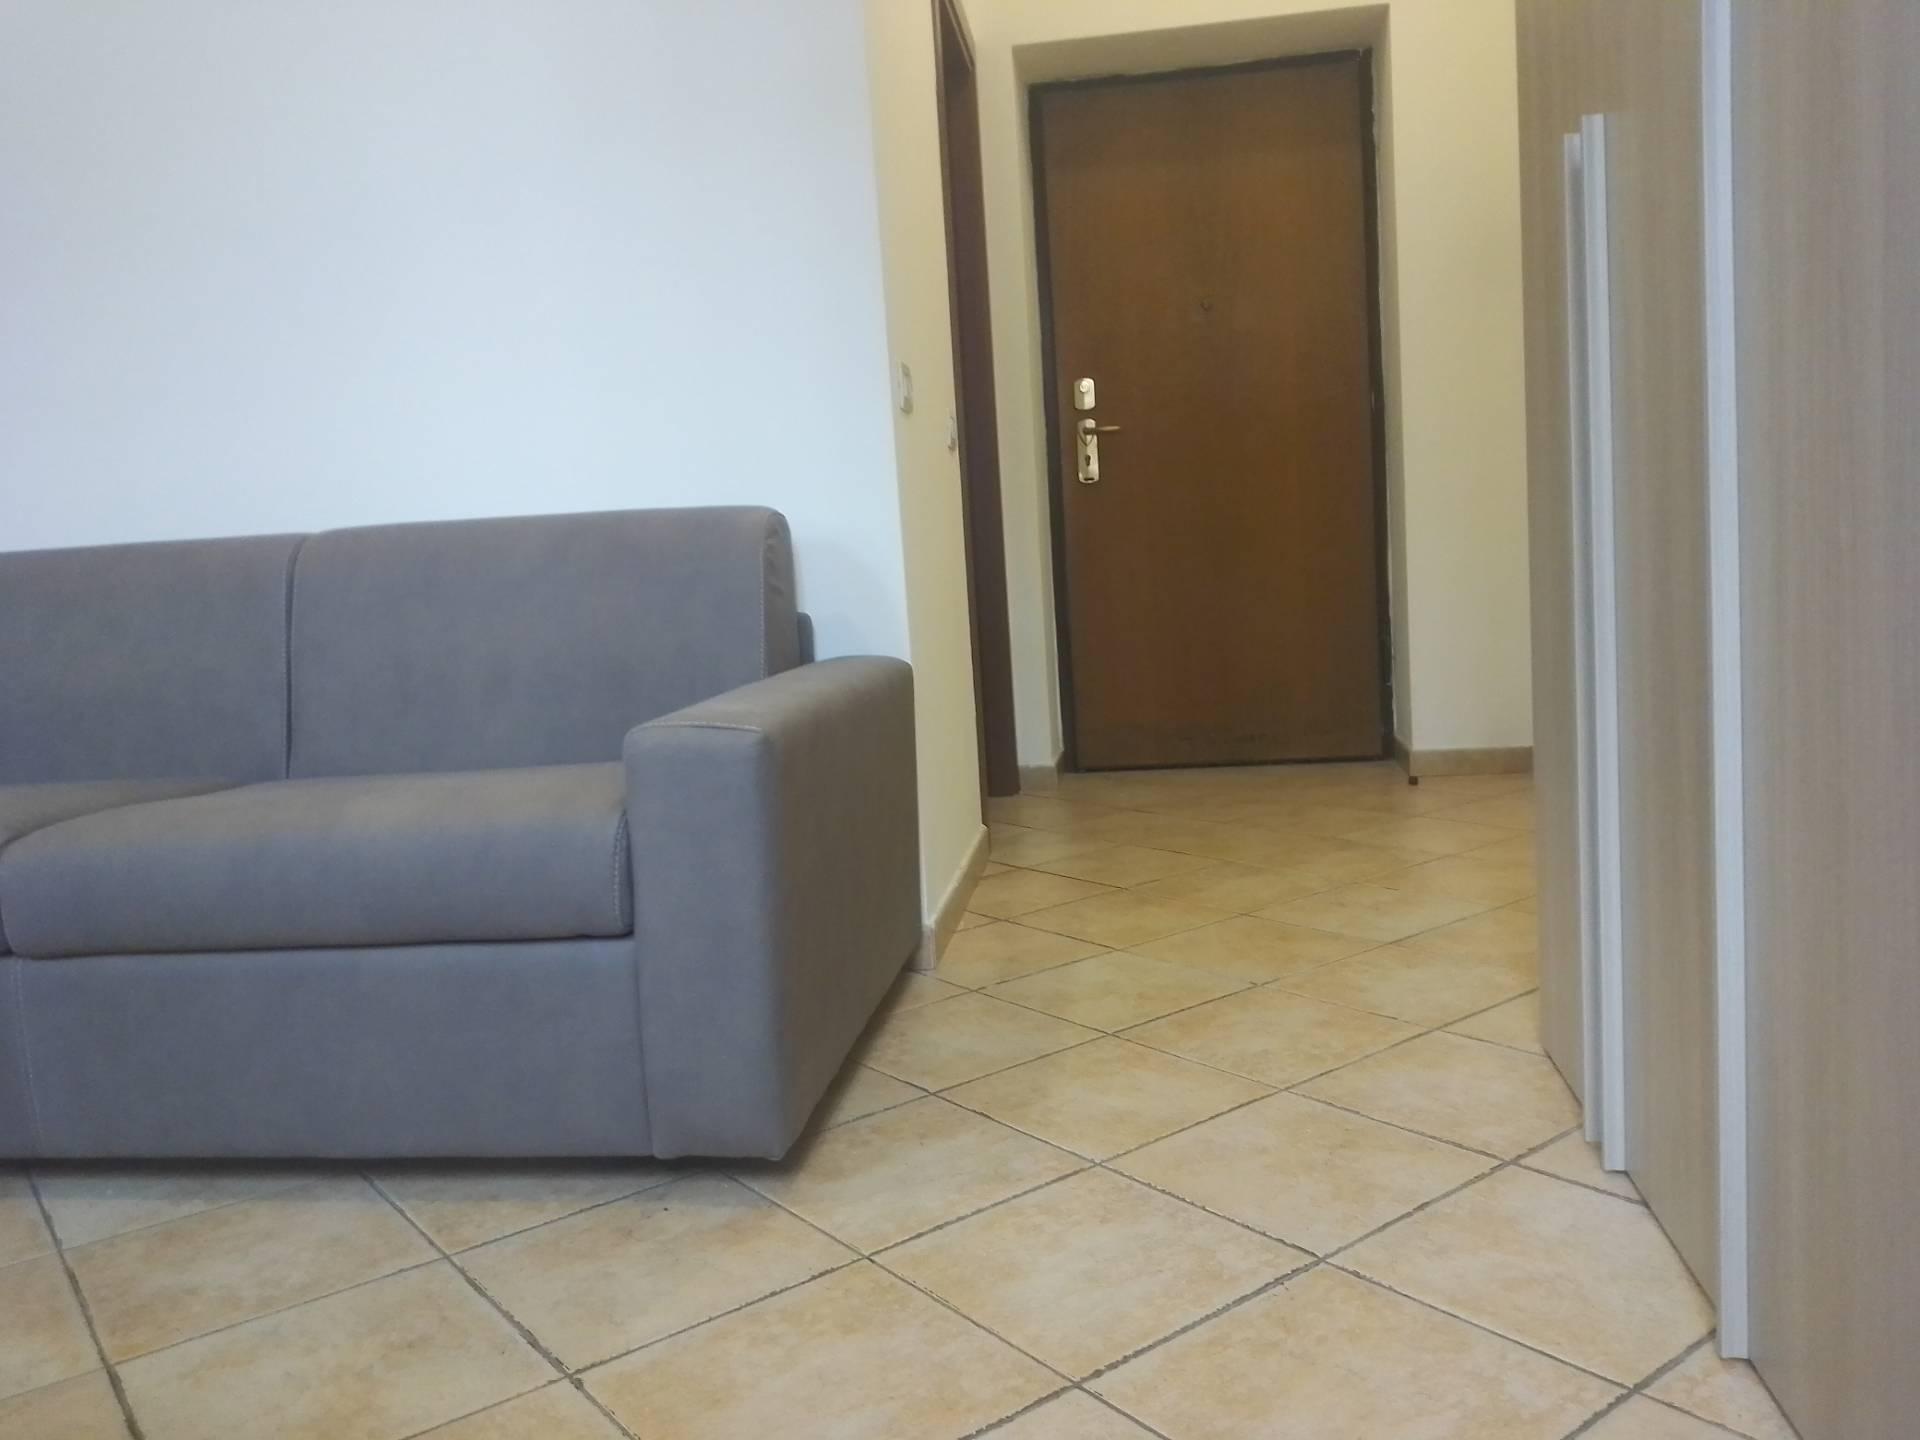 Appartamento in affitto a Rovello Porro, 1 locali, prezzo € 41.000 | CambioCasa.it